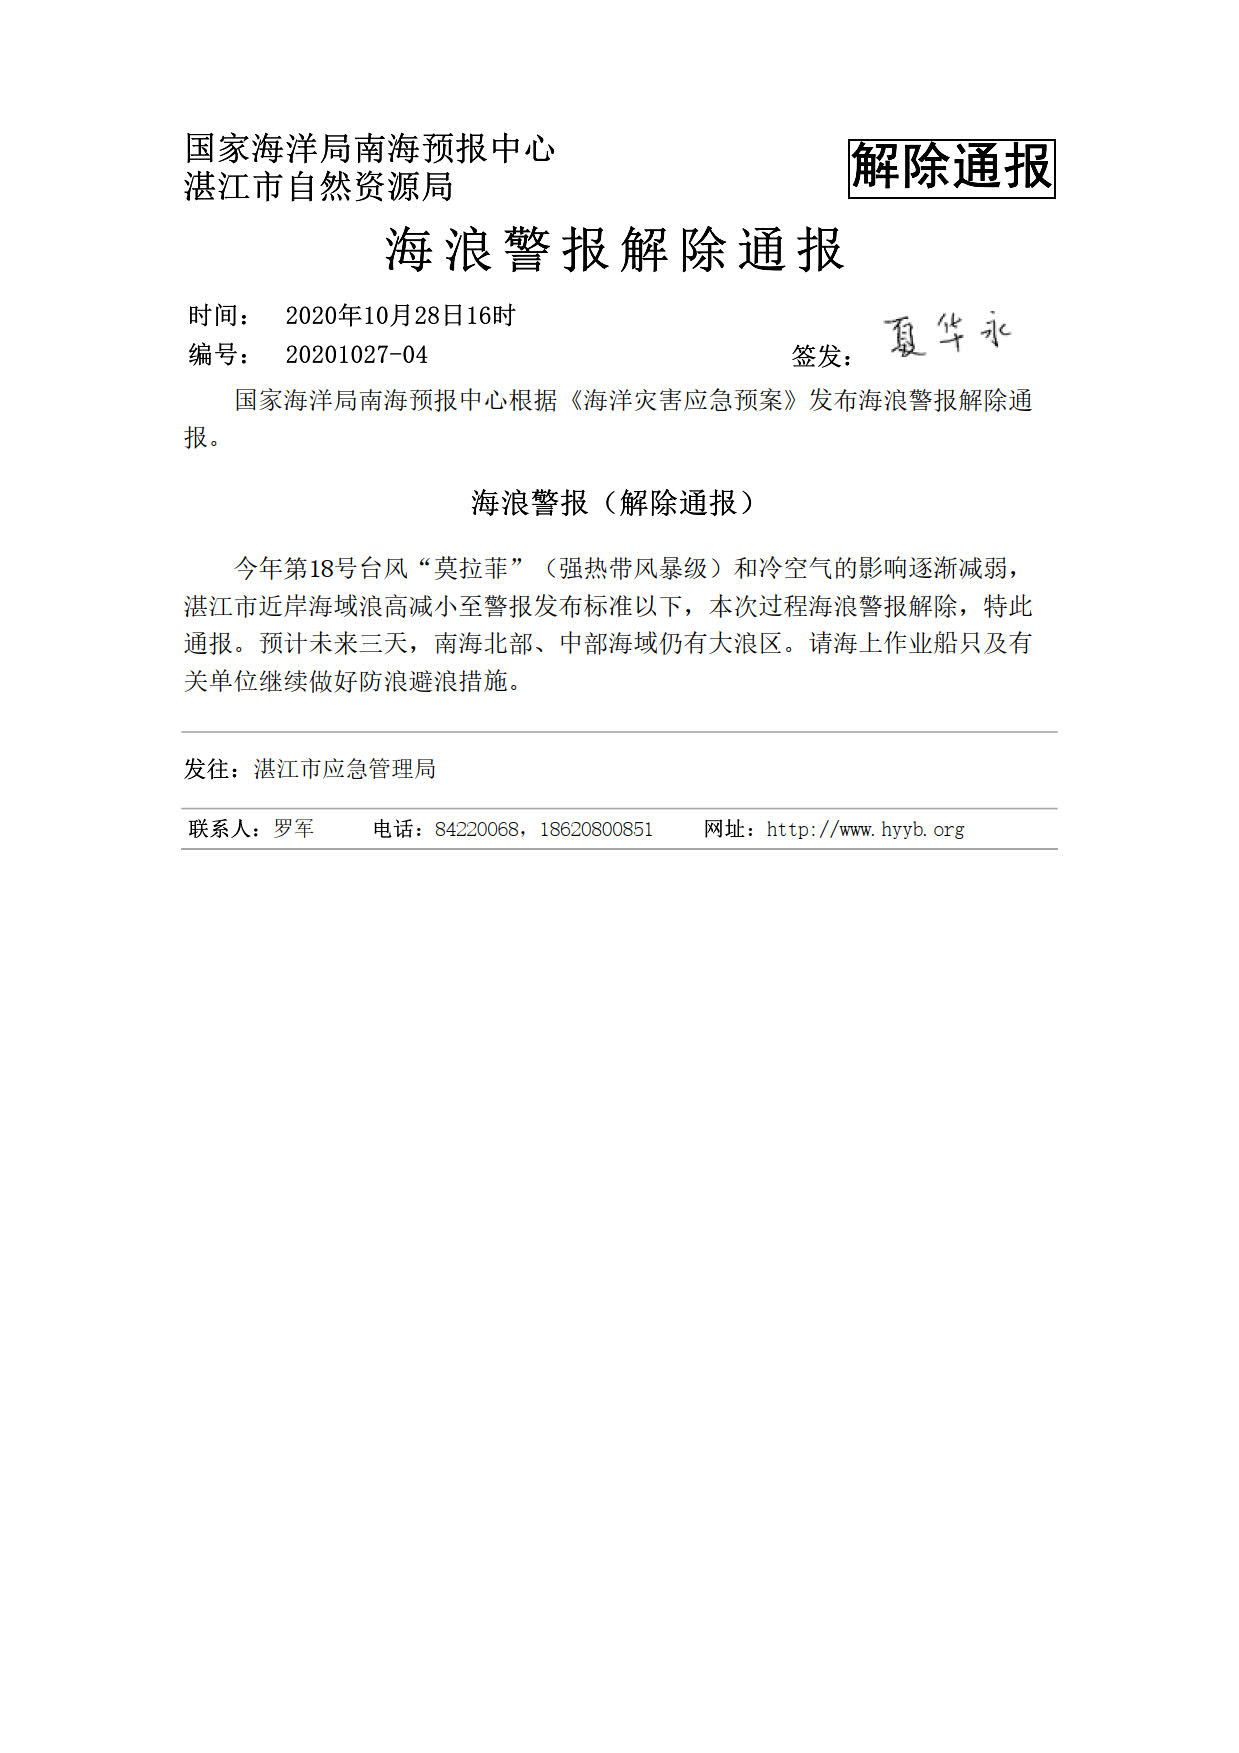 海浪警报-湛江2020102816_1.jpg